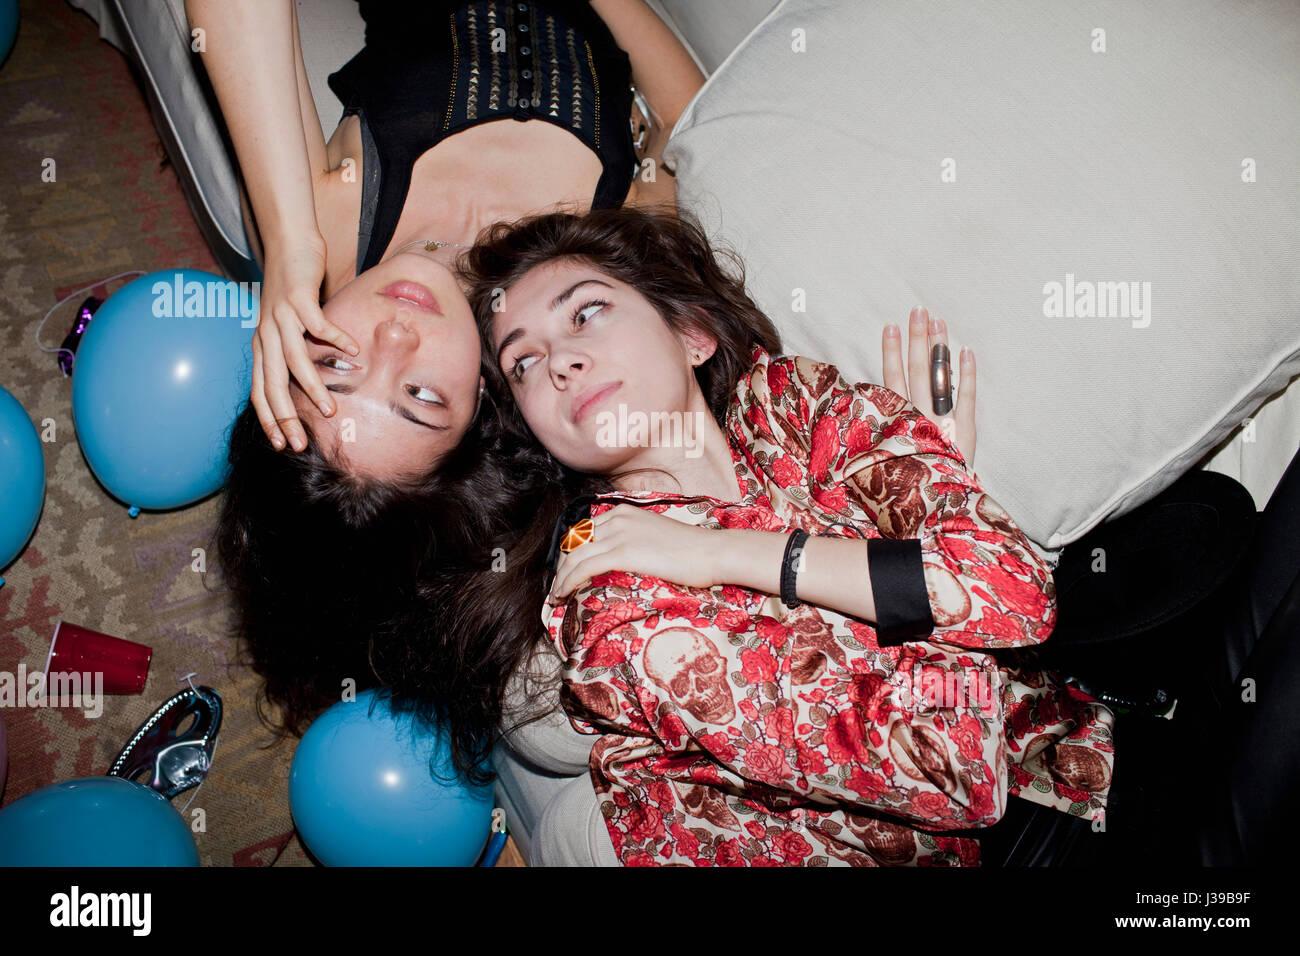 Frauen auf party kennenlernen